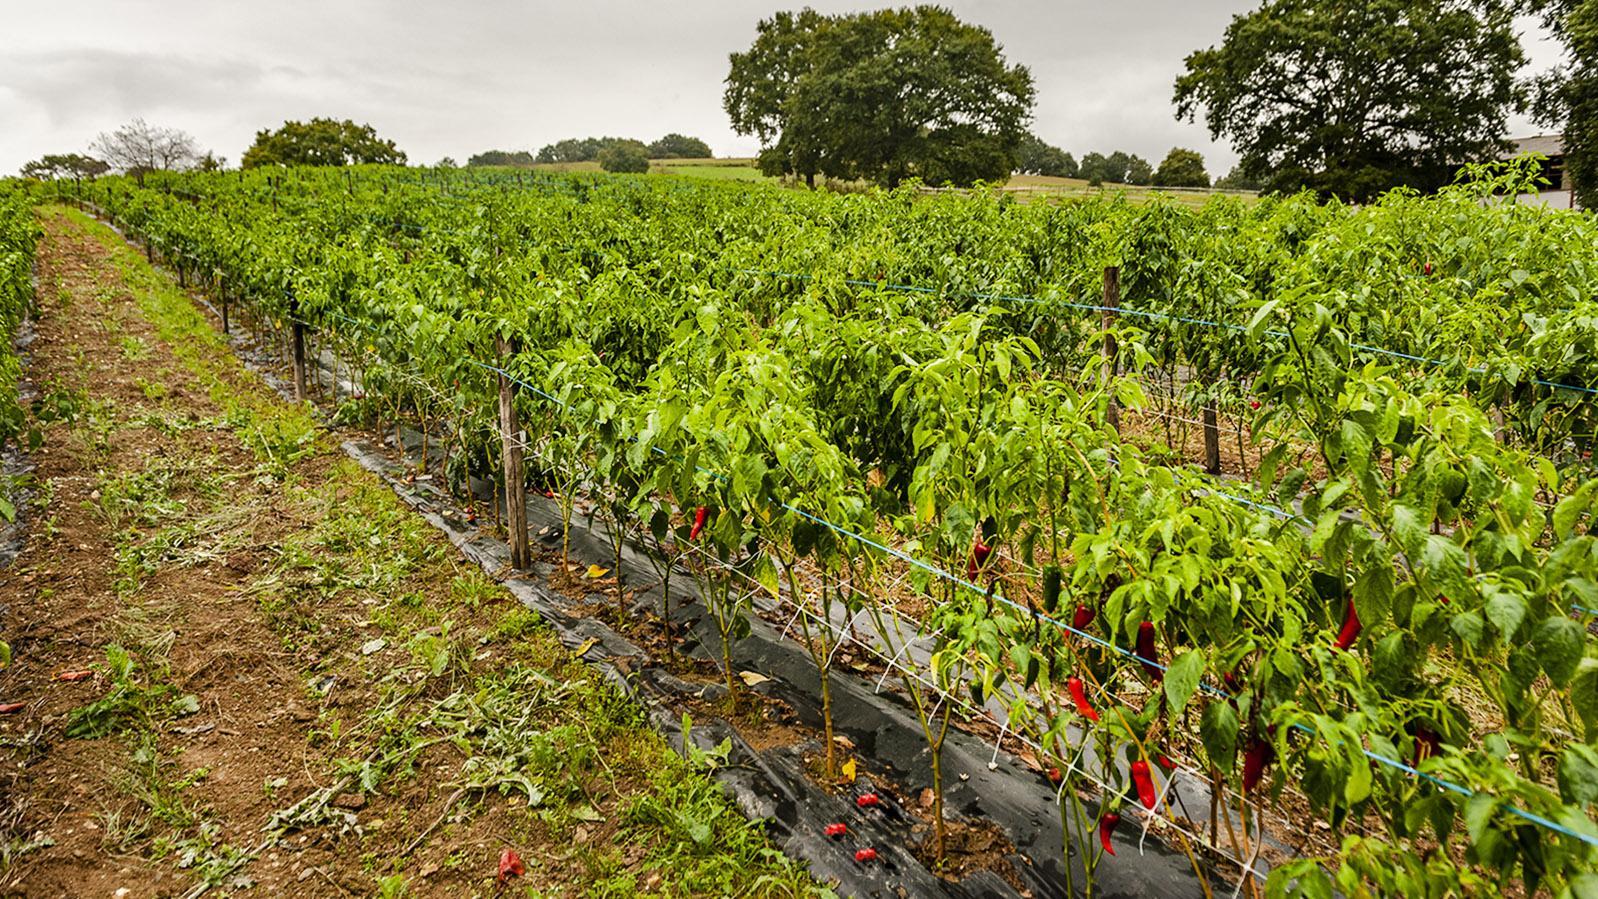 Ein Piment d'Espelette-Feld kurz vor der Ernte im Oktober. Foto: Hilke Maunder